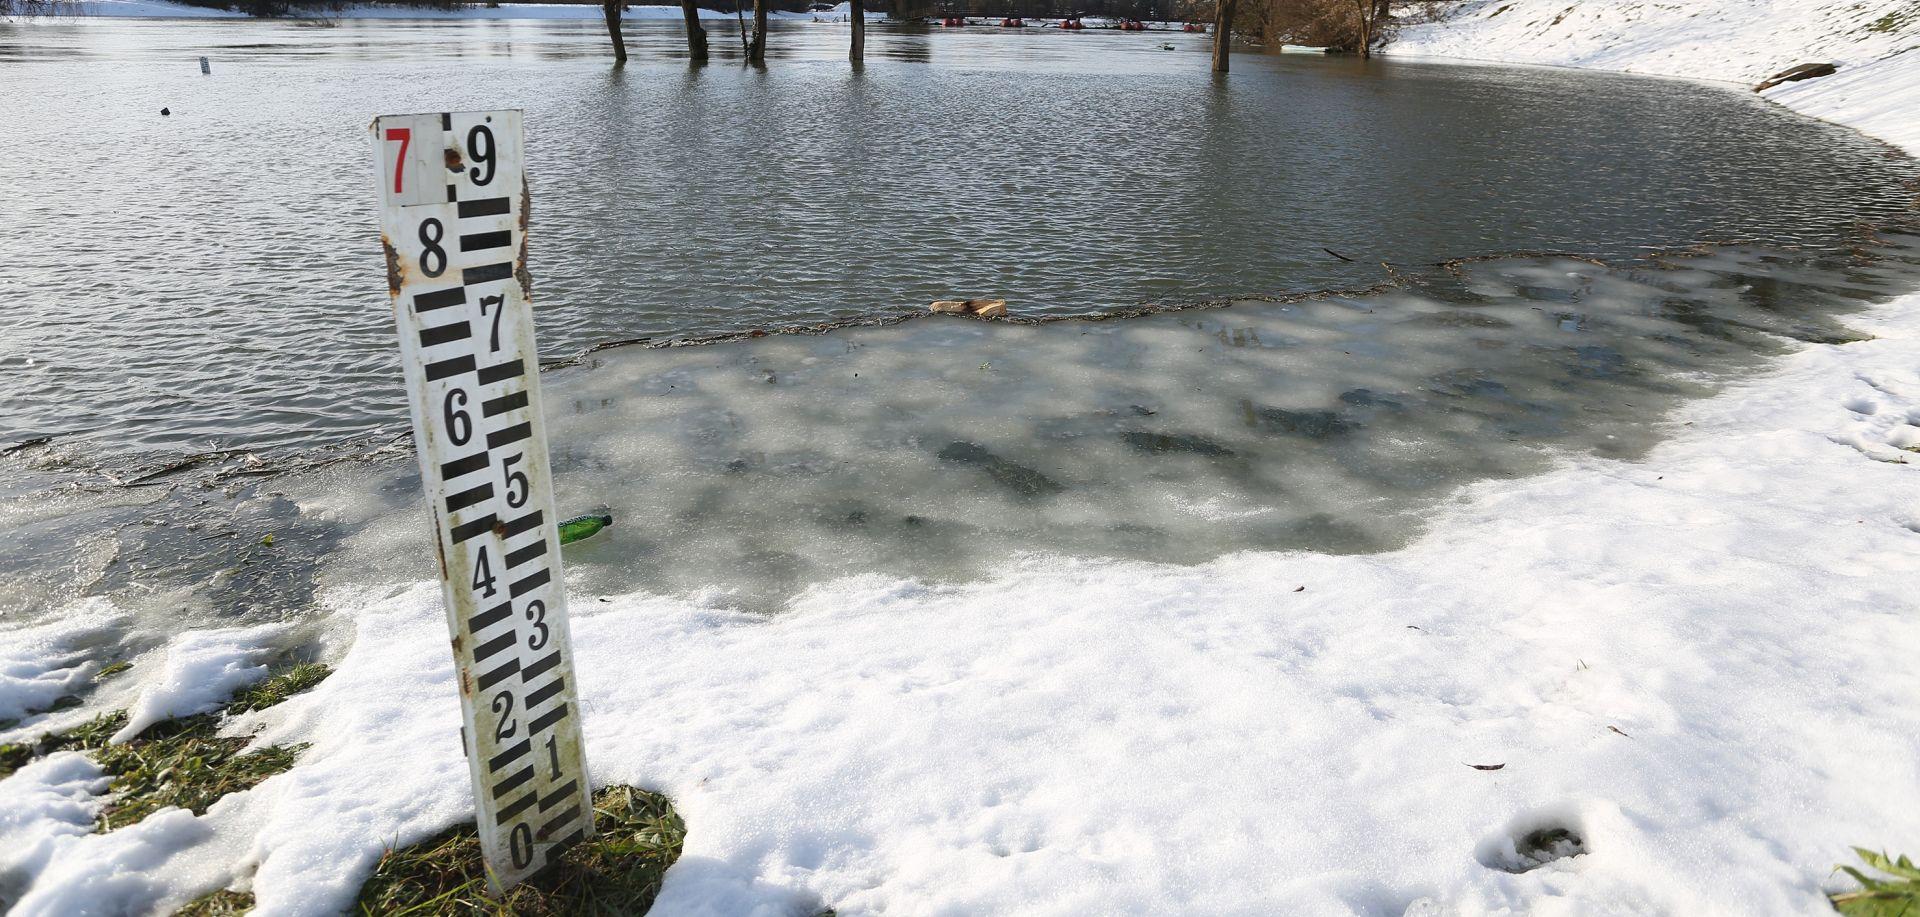 Nacionalni centar: Poplava u Karlovcu nije izgledna